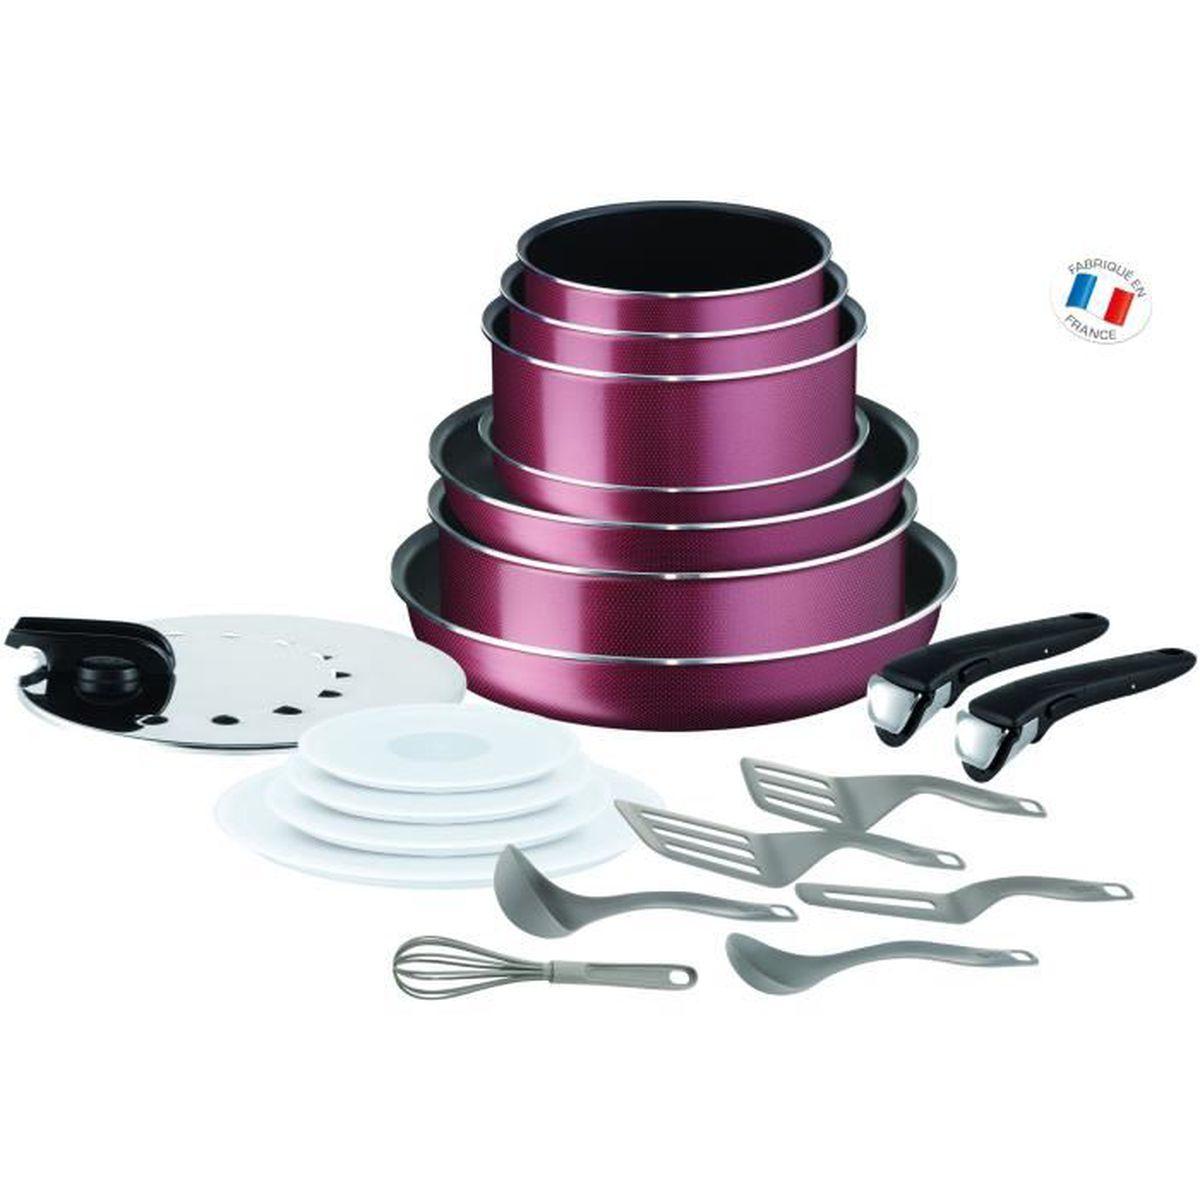 Tefal Ingenio Essential Batterie De Cuisine 20 Pieces L2289002 16